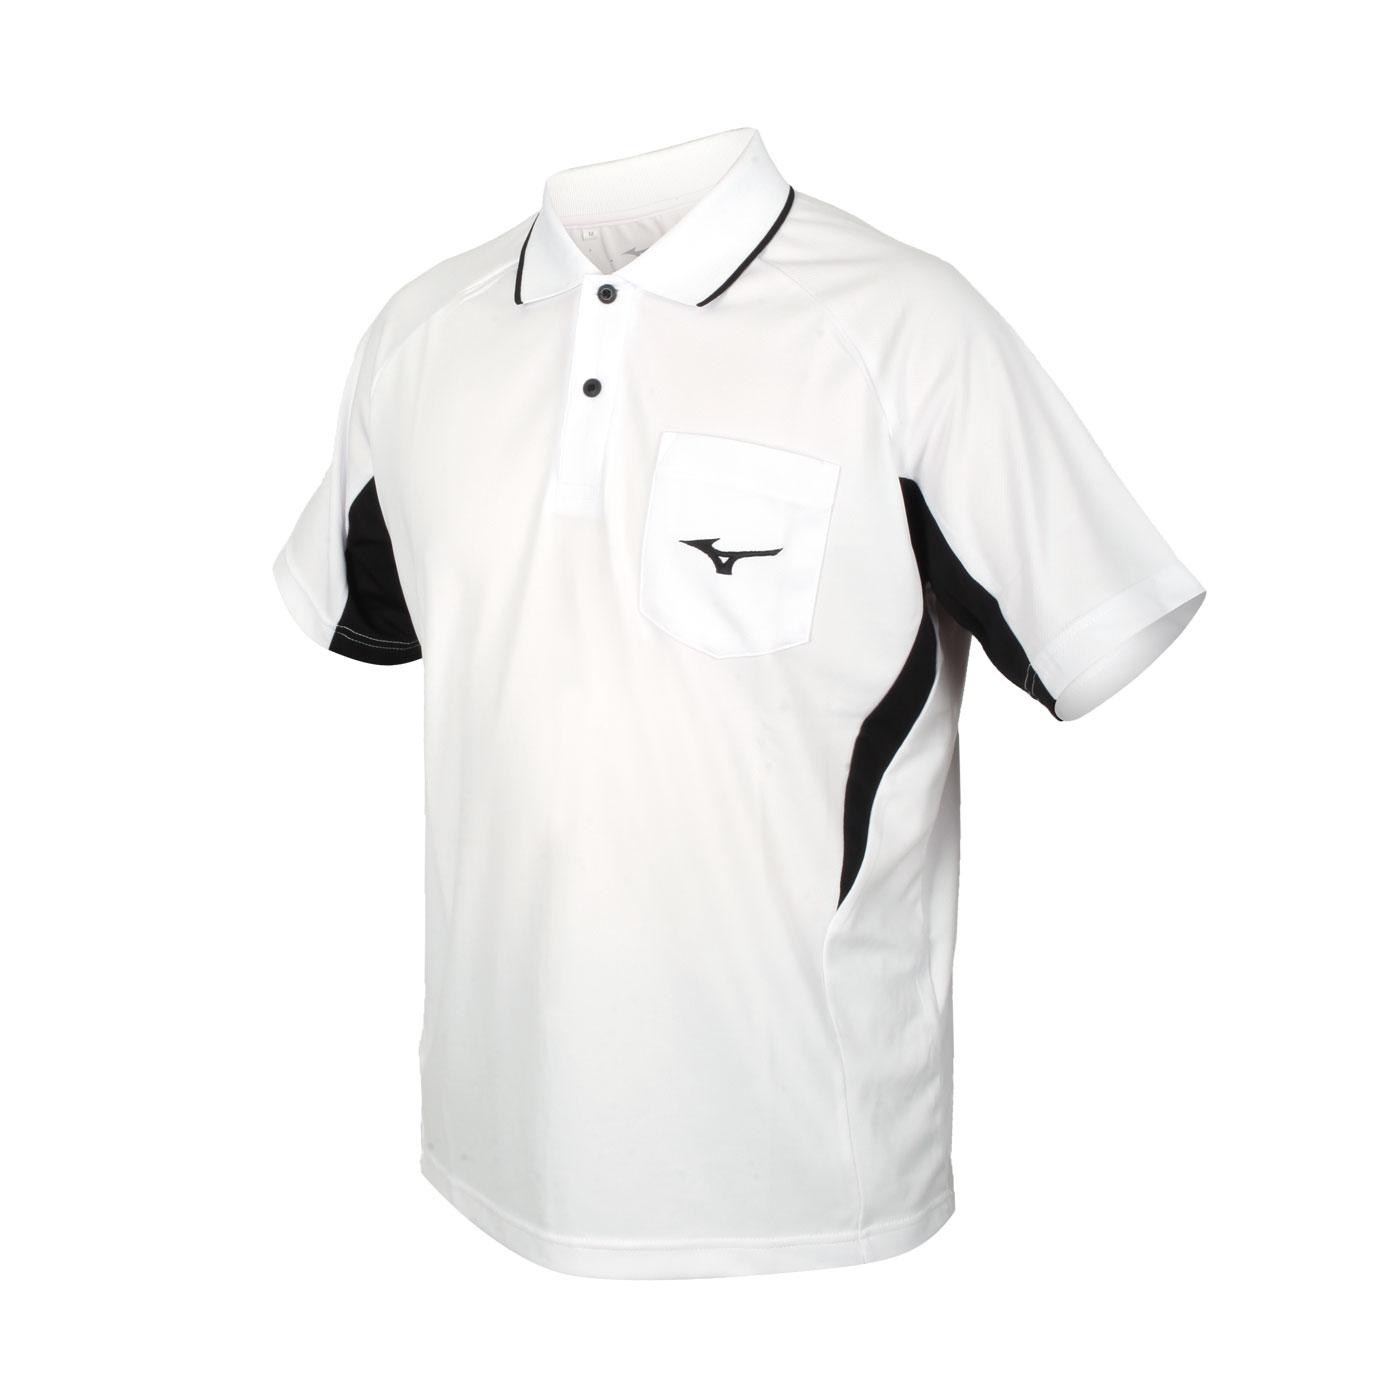 MIZUNO 男款短袖POLO衫 32TA102101 - 白黑